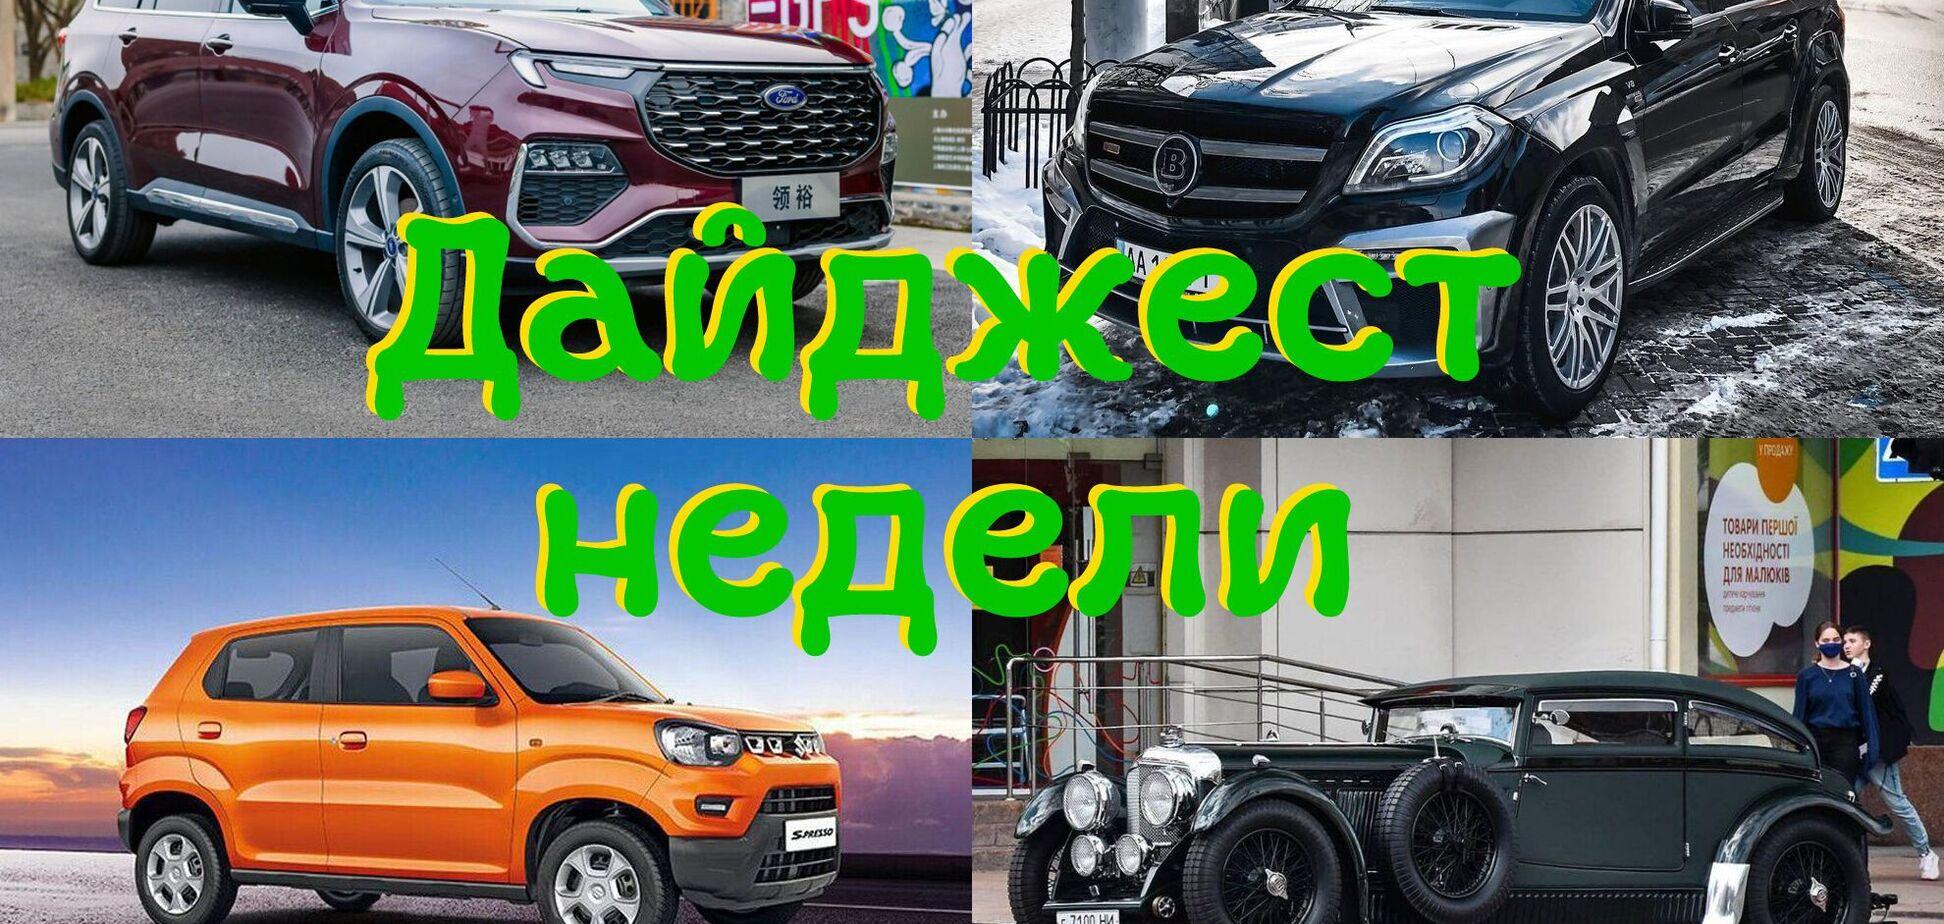 Лимузин Байдена, возвращение техосмотра и ГБО без газа: главное за неделю